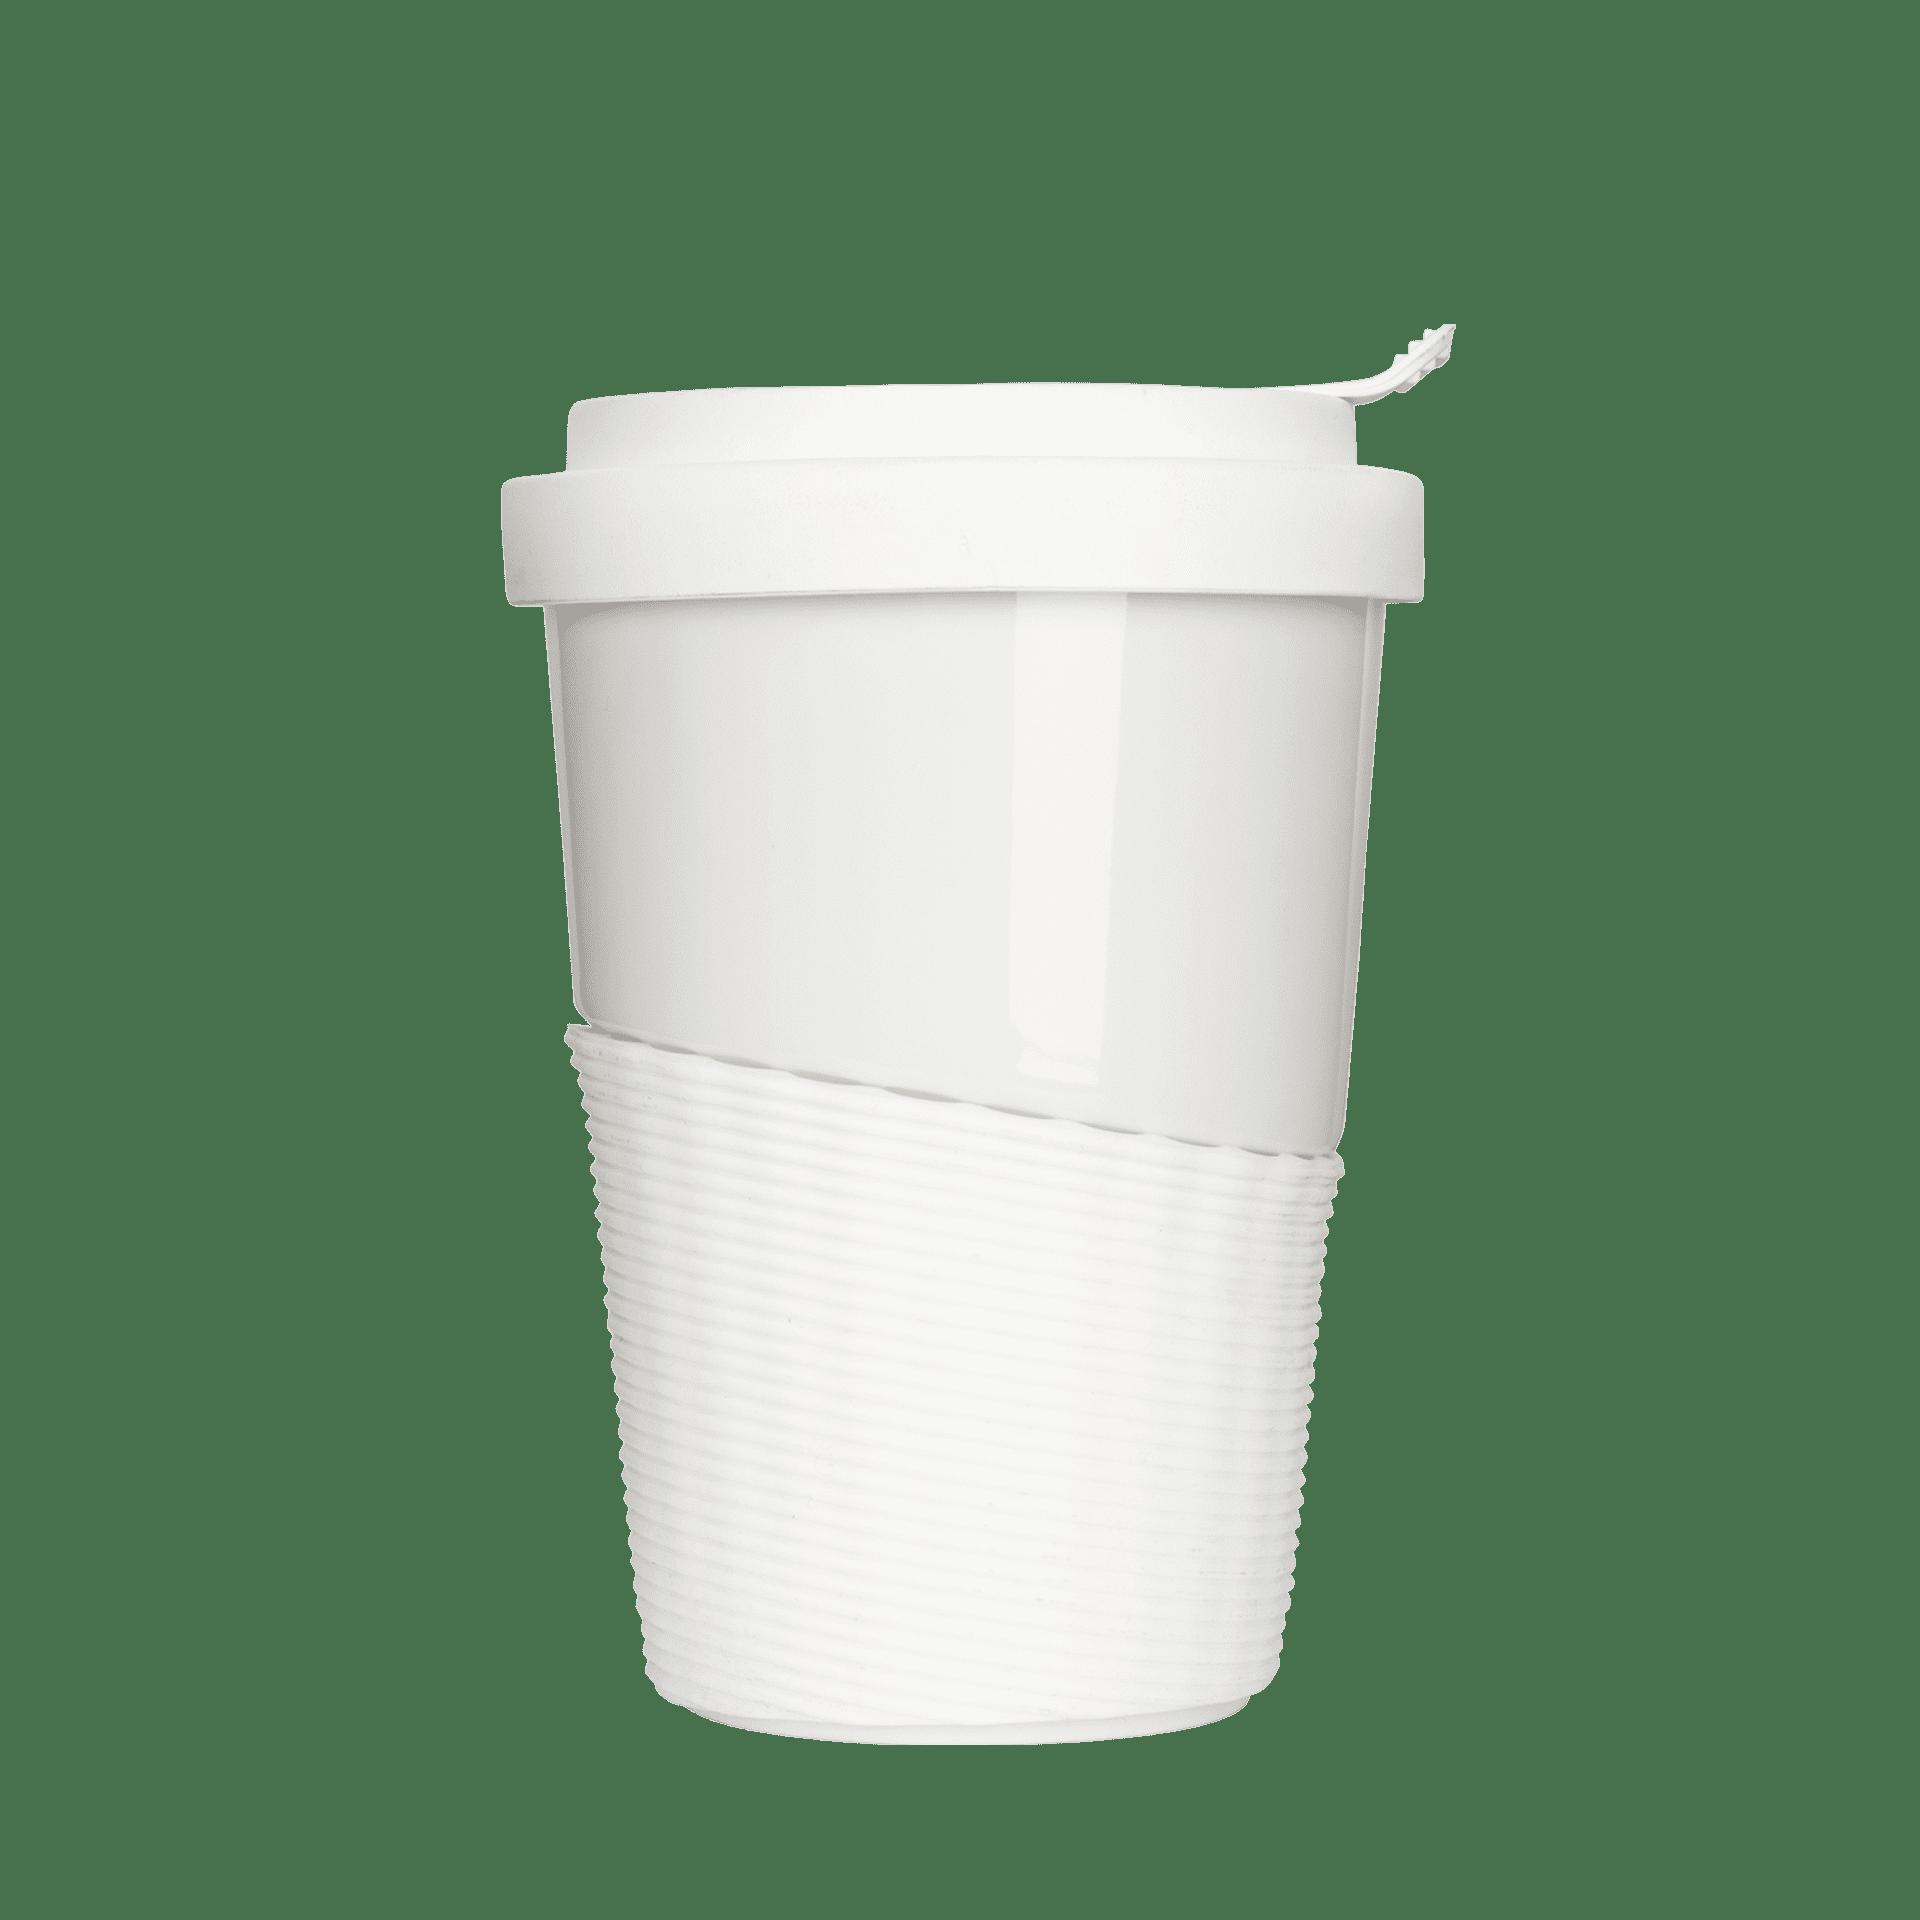 Kaffeebecher mit Deckel aus Porzellan kaufen